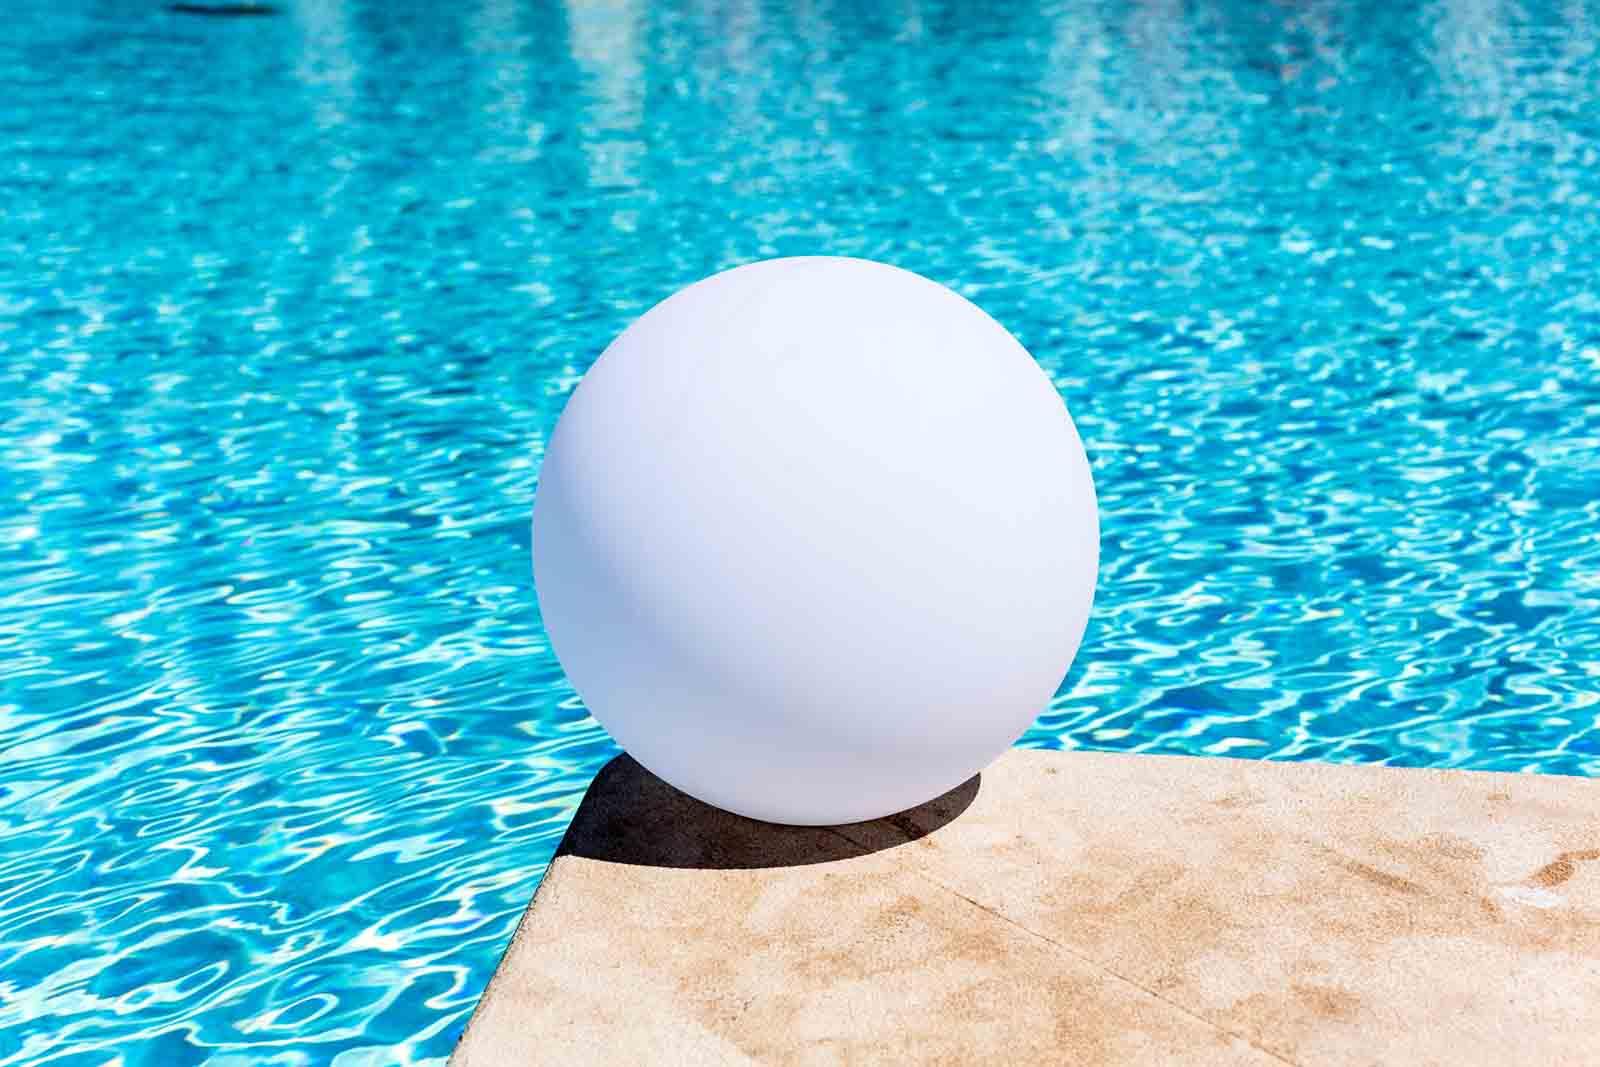 Kabellose Leuchte Globe D50 cm IP 68 schwimmfähig App Control